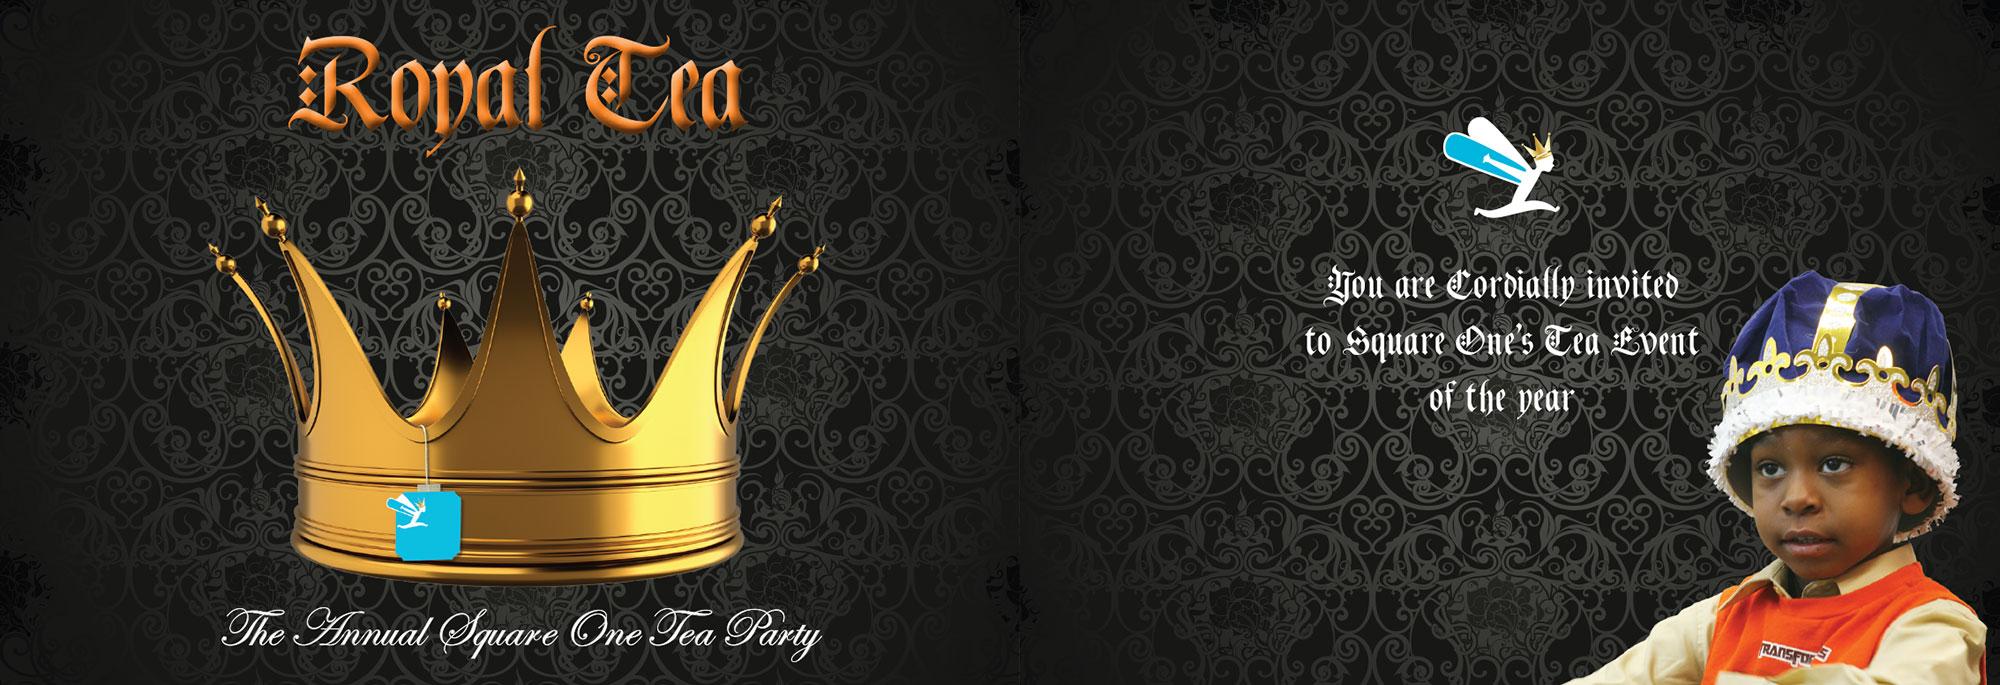 squareone royal tea invite